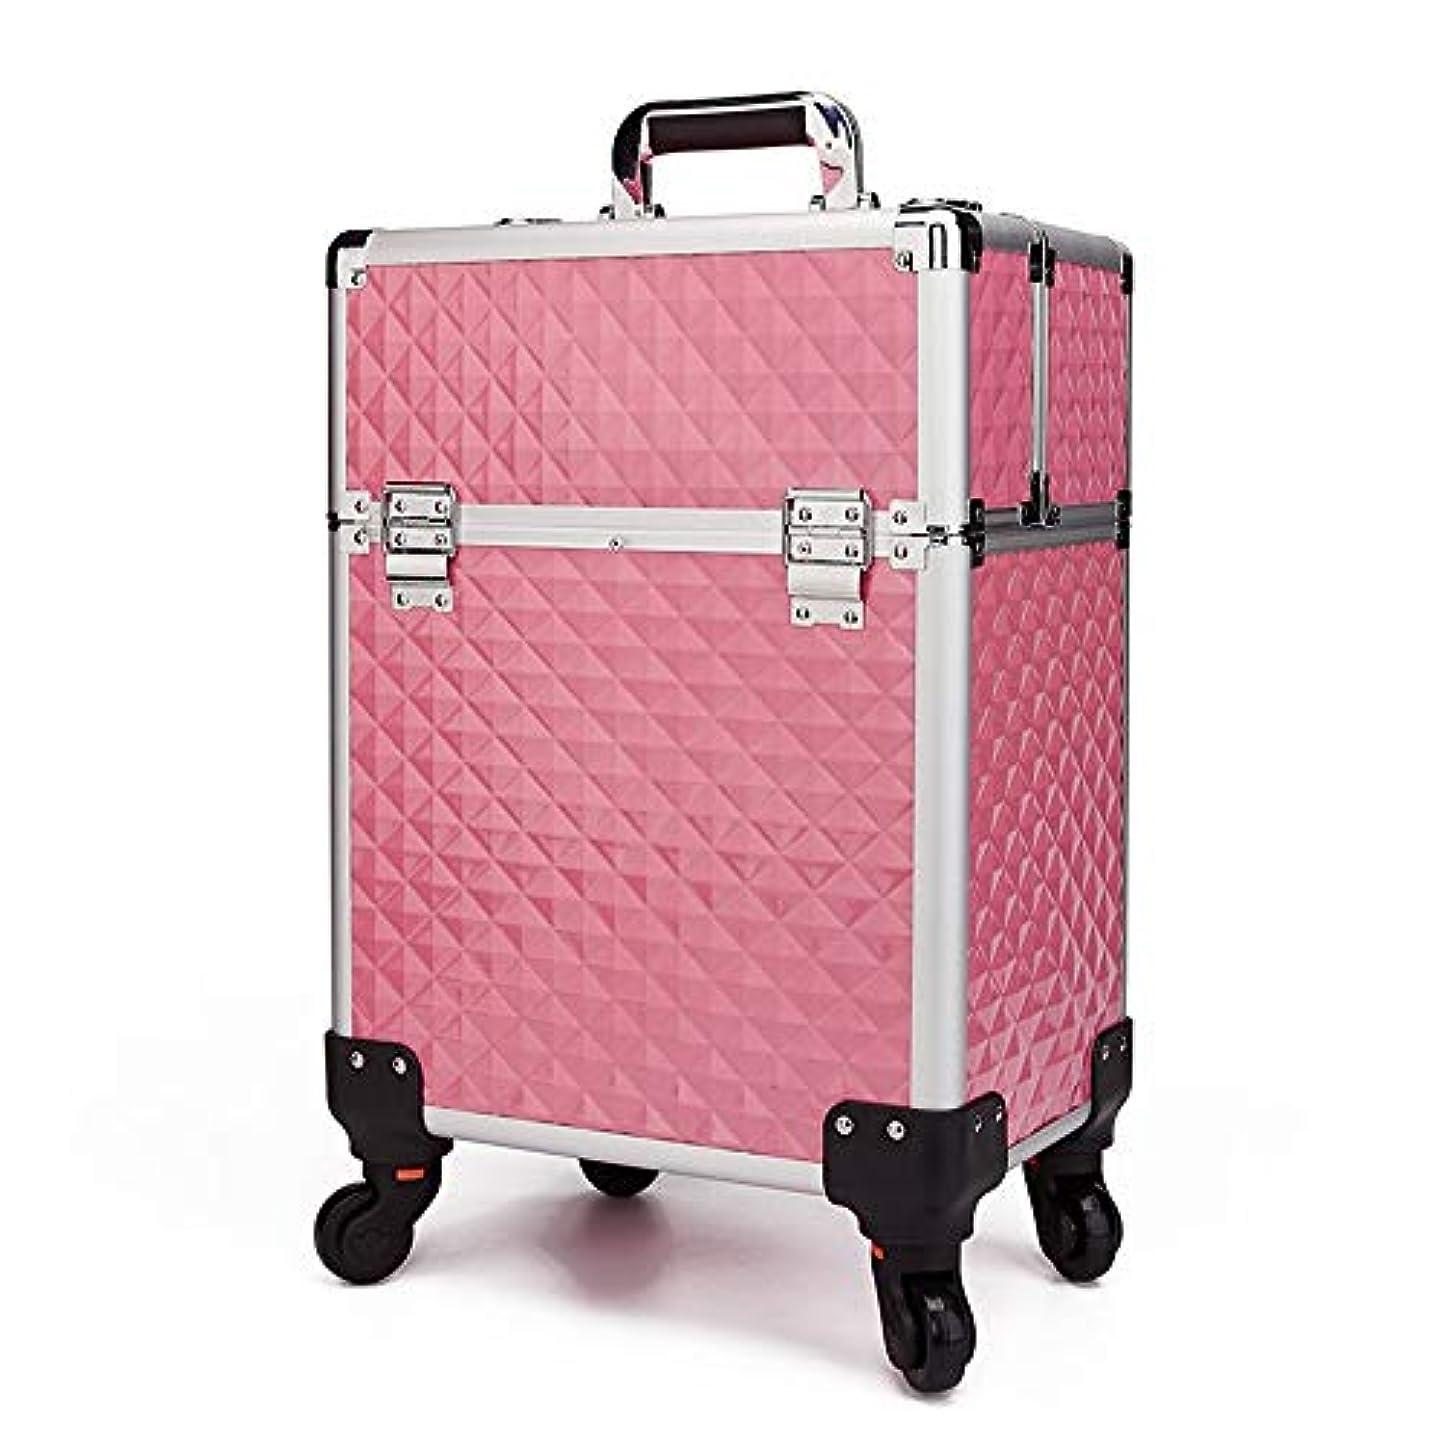 インチどんよりした覚えている化粧オーガナイザーバッグ 360度ホイール3イン1プロフェッショナルアルミアーティストローリングトロリーメイクトレインケース化粧品オーガナイザー収納ボックス用ティーンガールズ女性アーティスト 化粧品ケース (色 : ピンク)